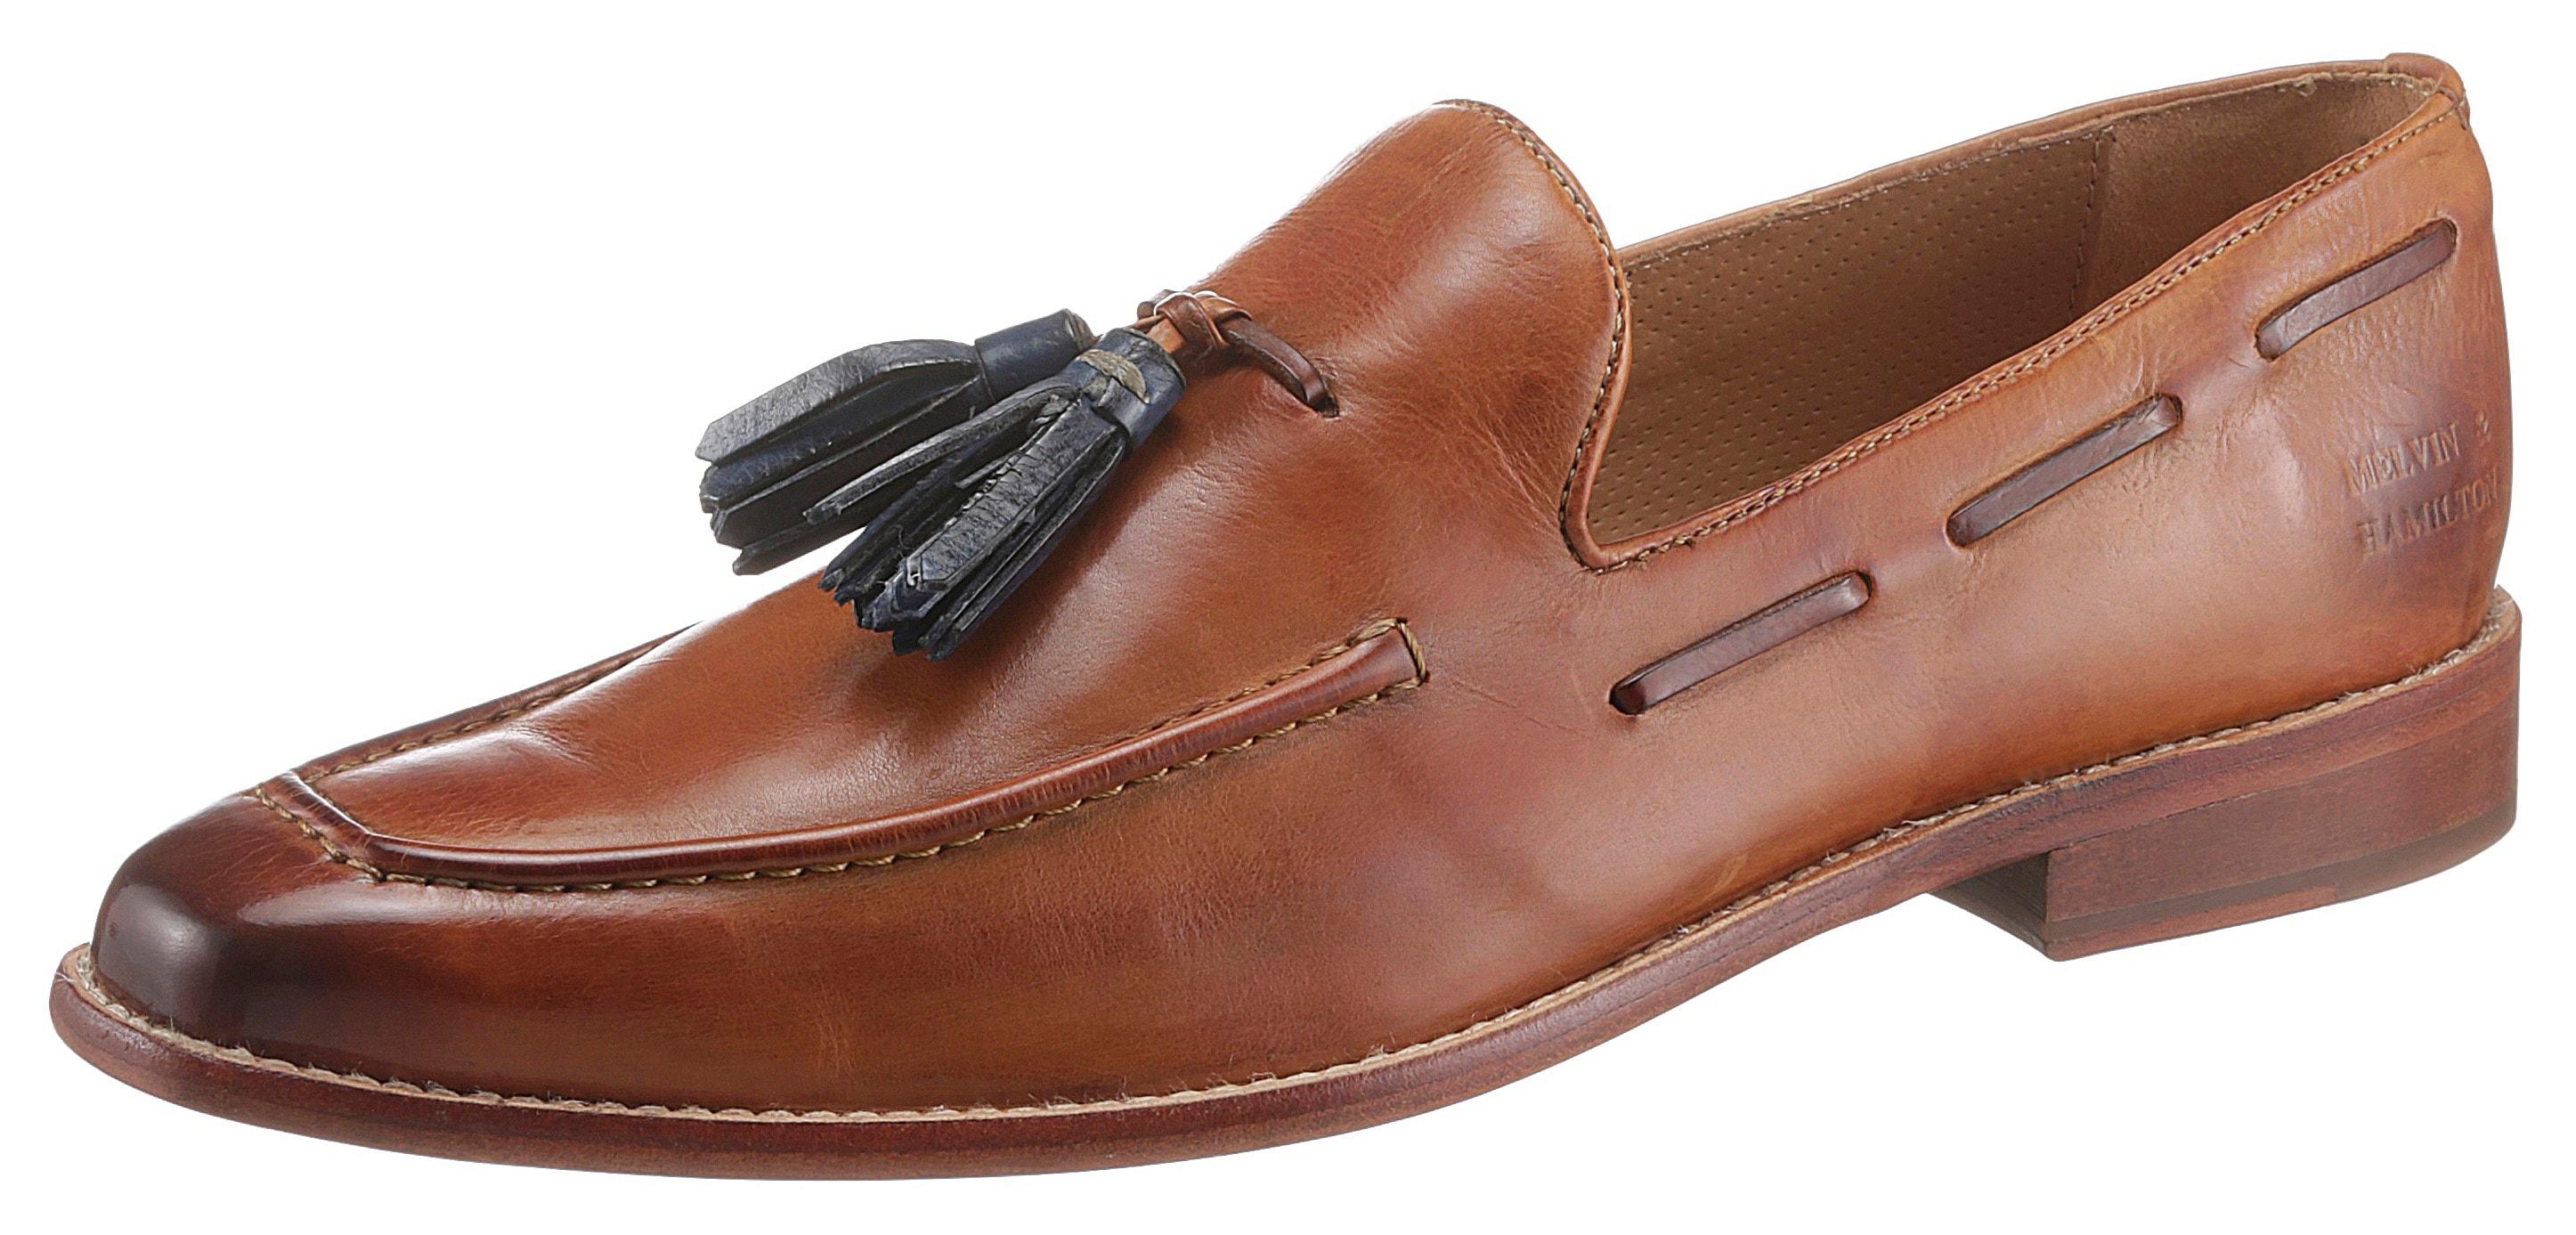 melvin & hamilton -  Slipper Tassel Loafer Leonardo vegetabil gegerbt, handgemacht mit Lederlaufsohle